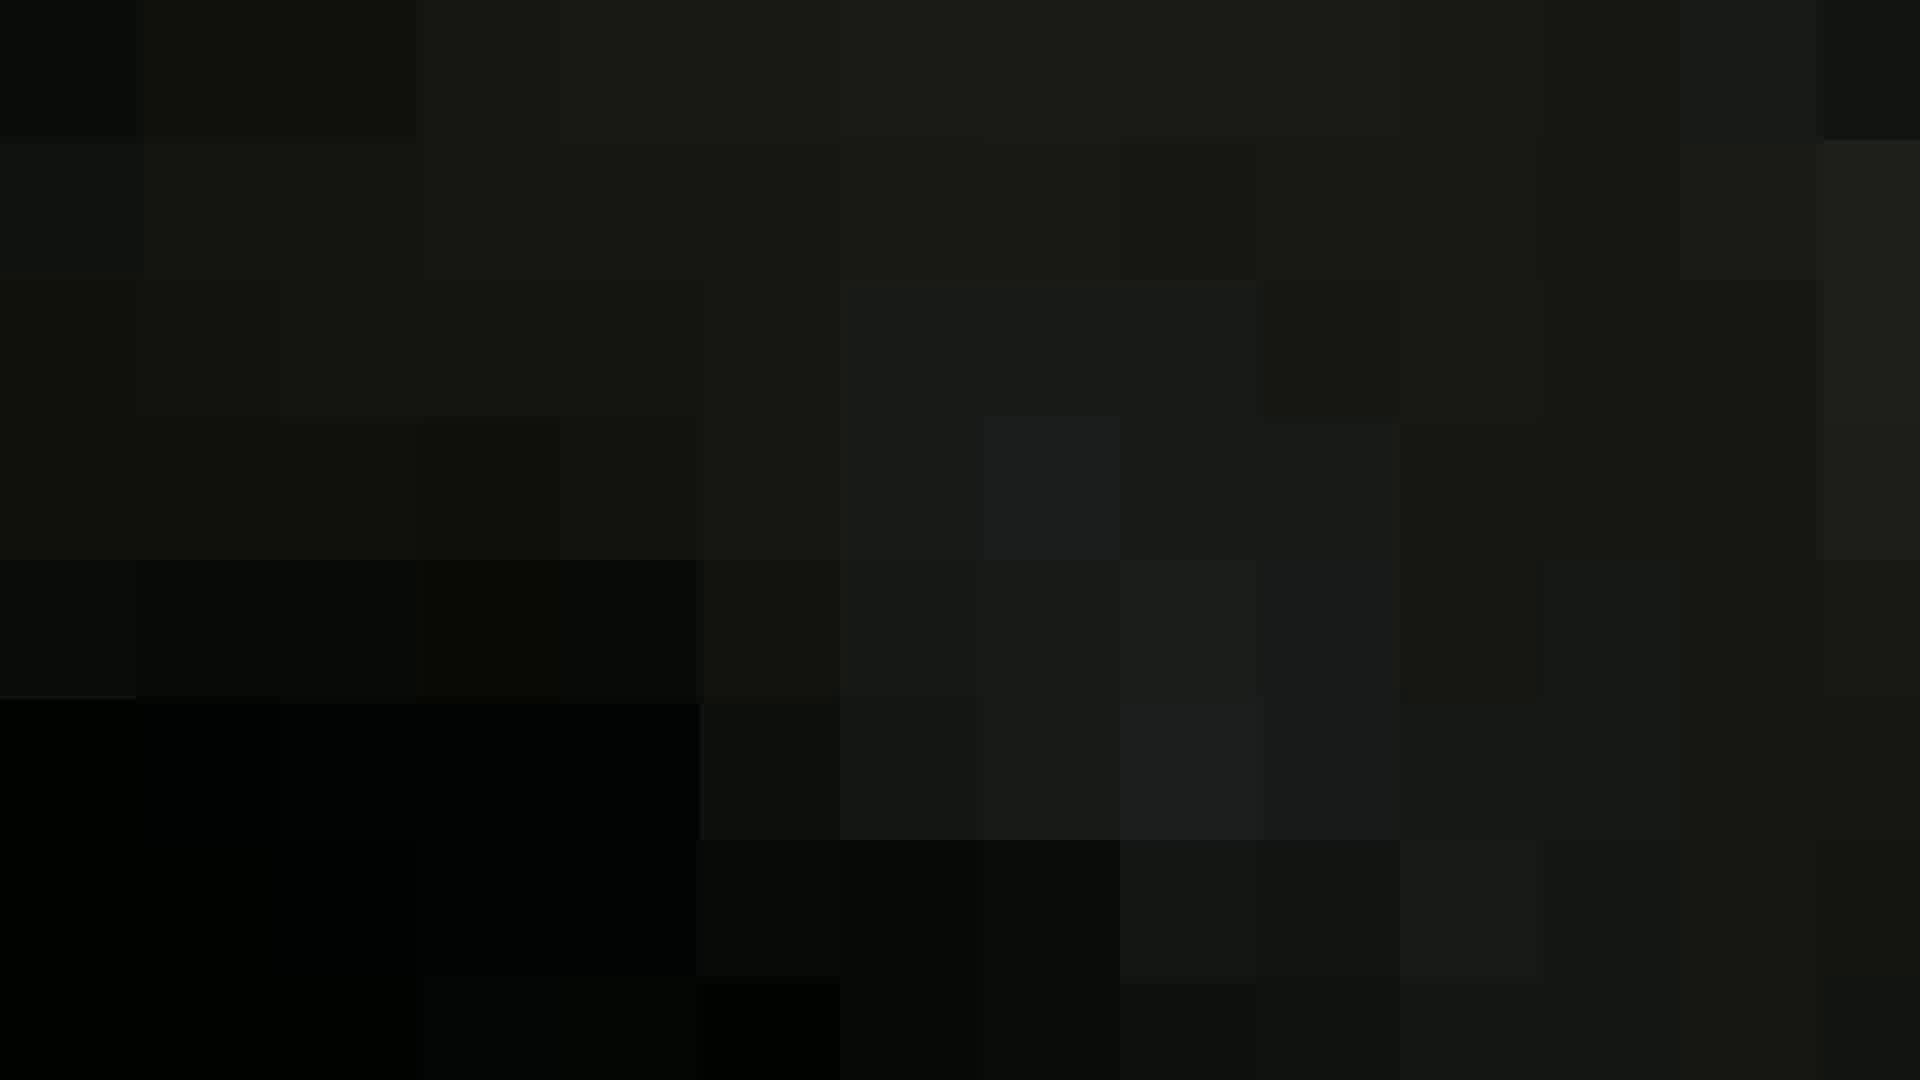 【美しき個室な世界】 vol.022 ヒクヒクさんたち 洗面所  68pic 65